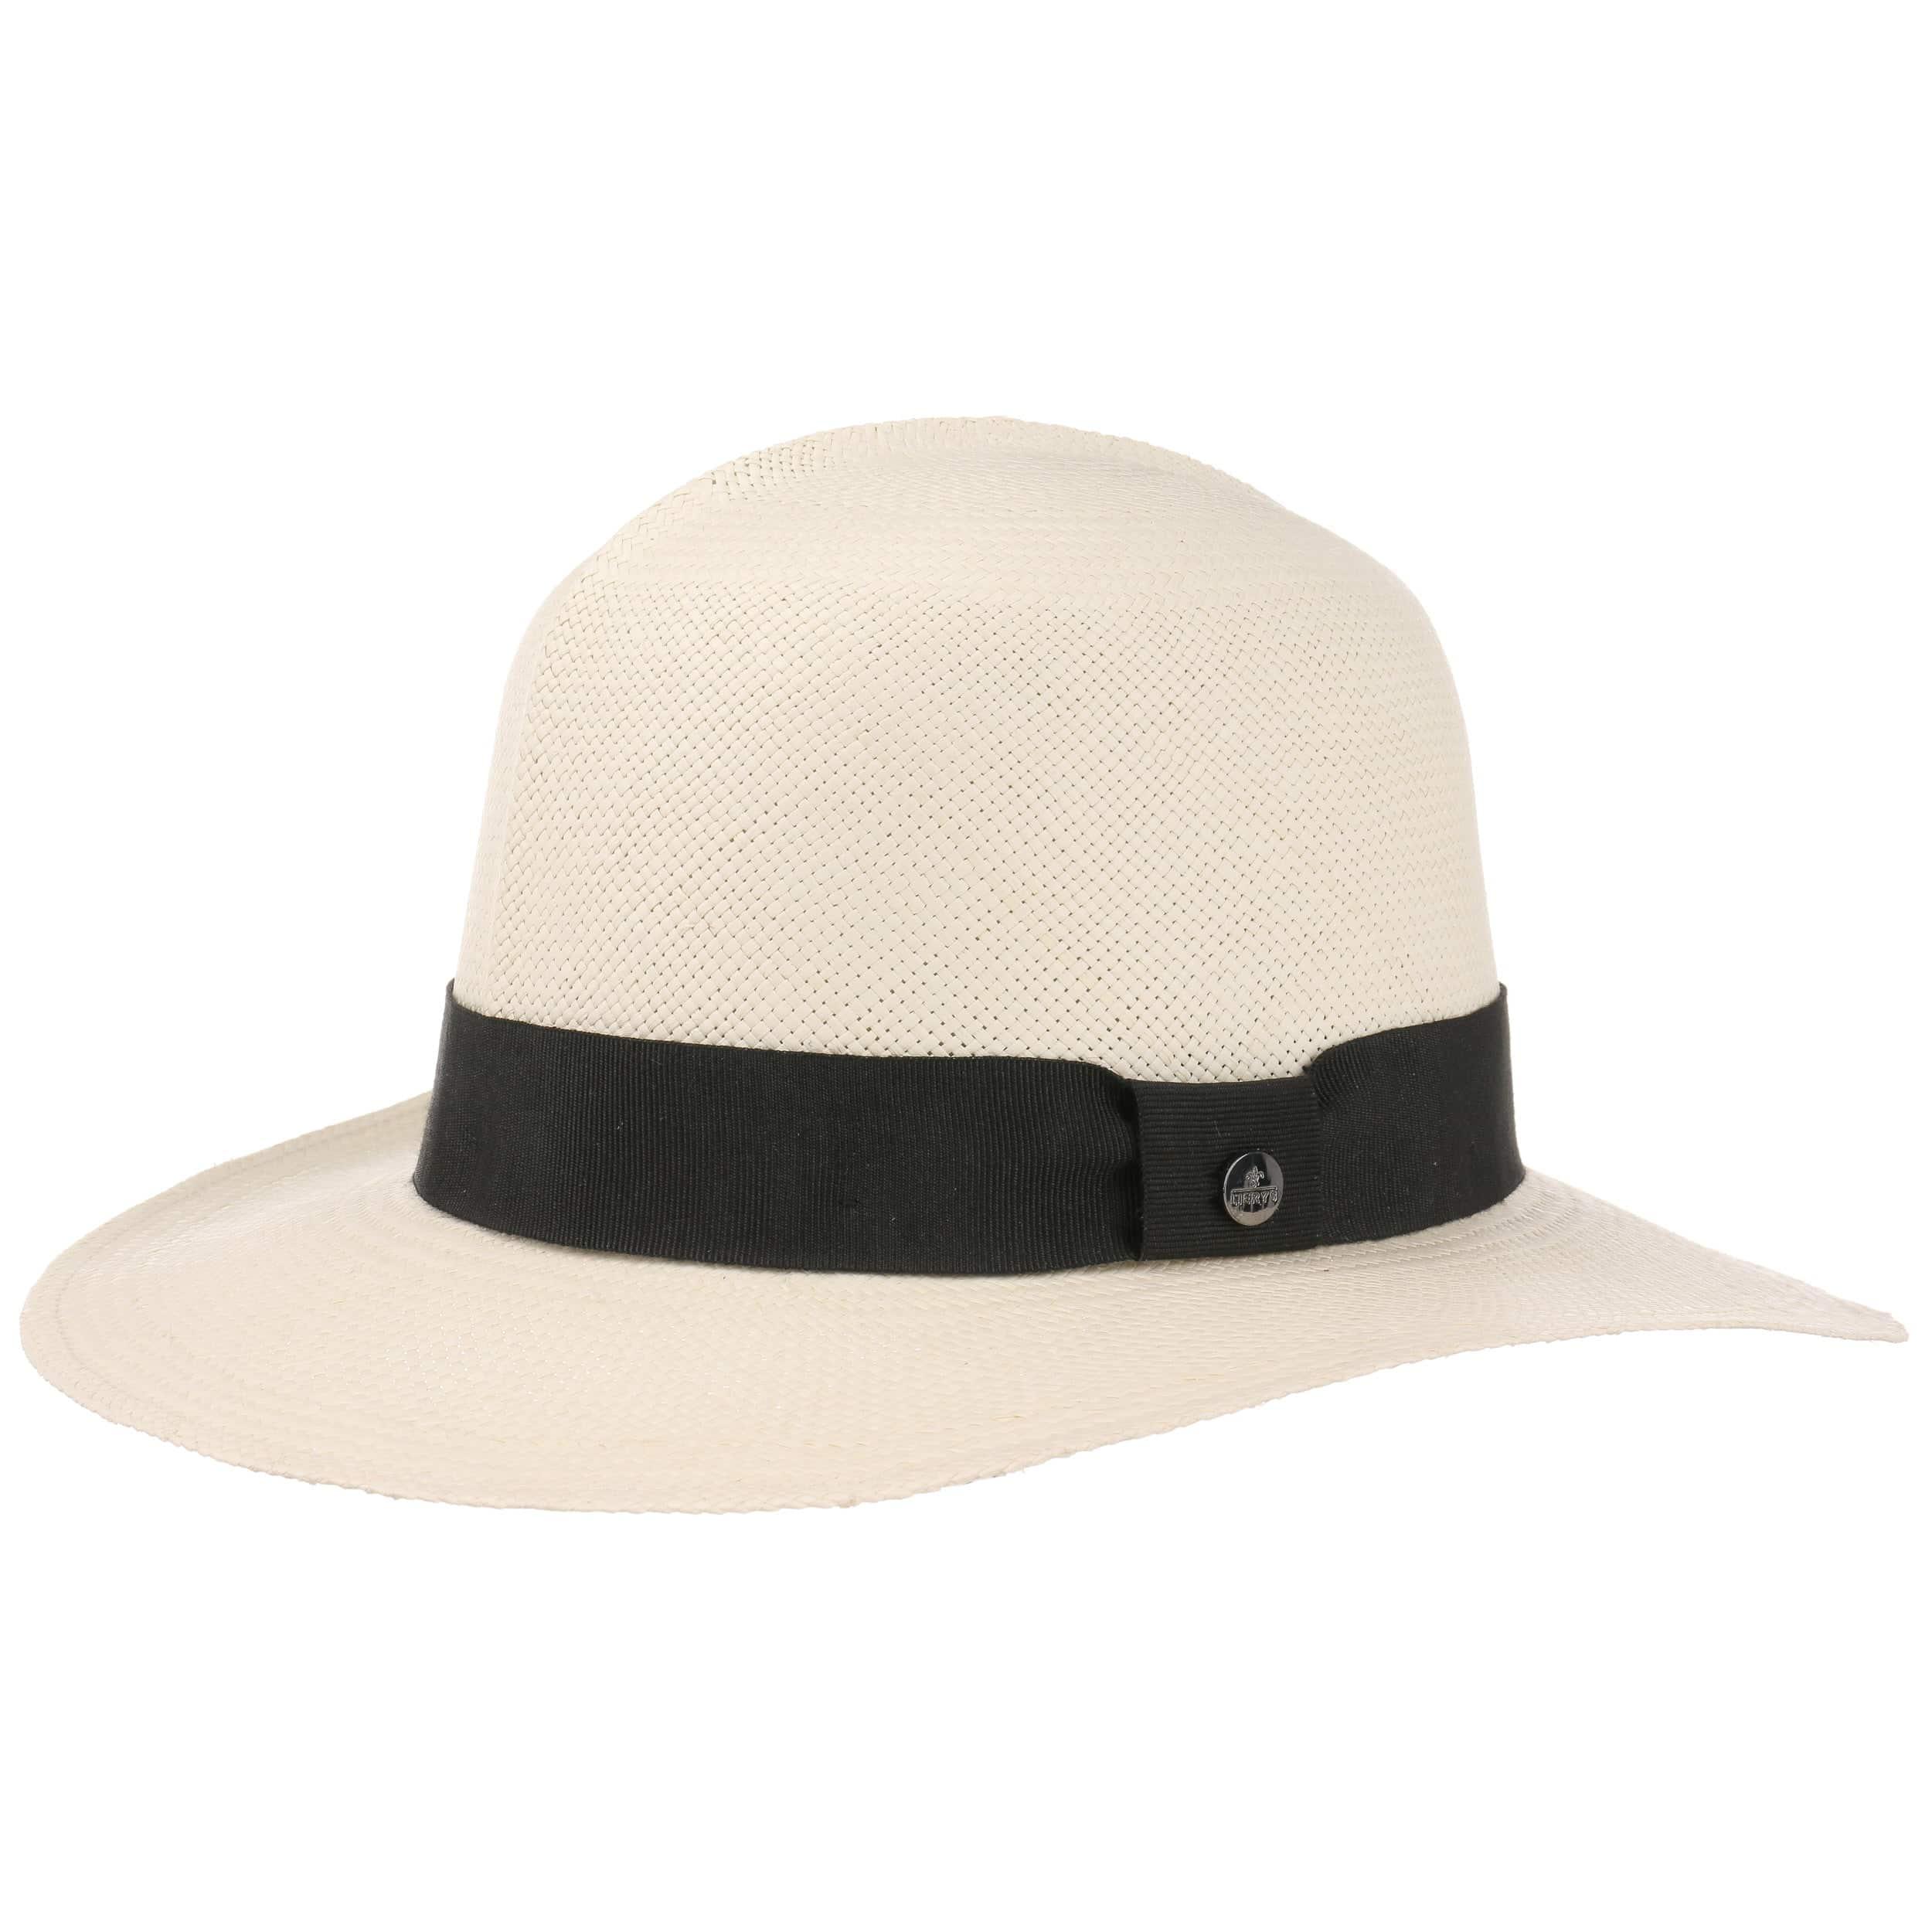 à bas prix qualité et quantité assurées hot-vente authentique Chapeau Panama Colonial by Lierys